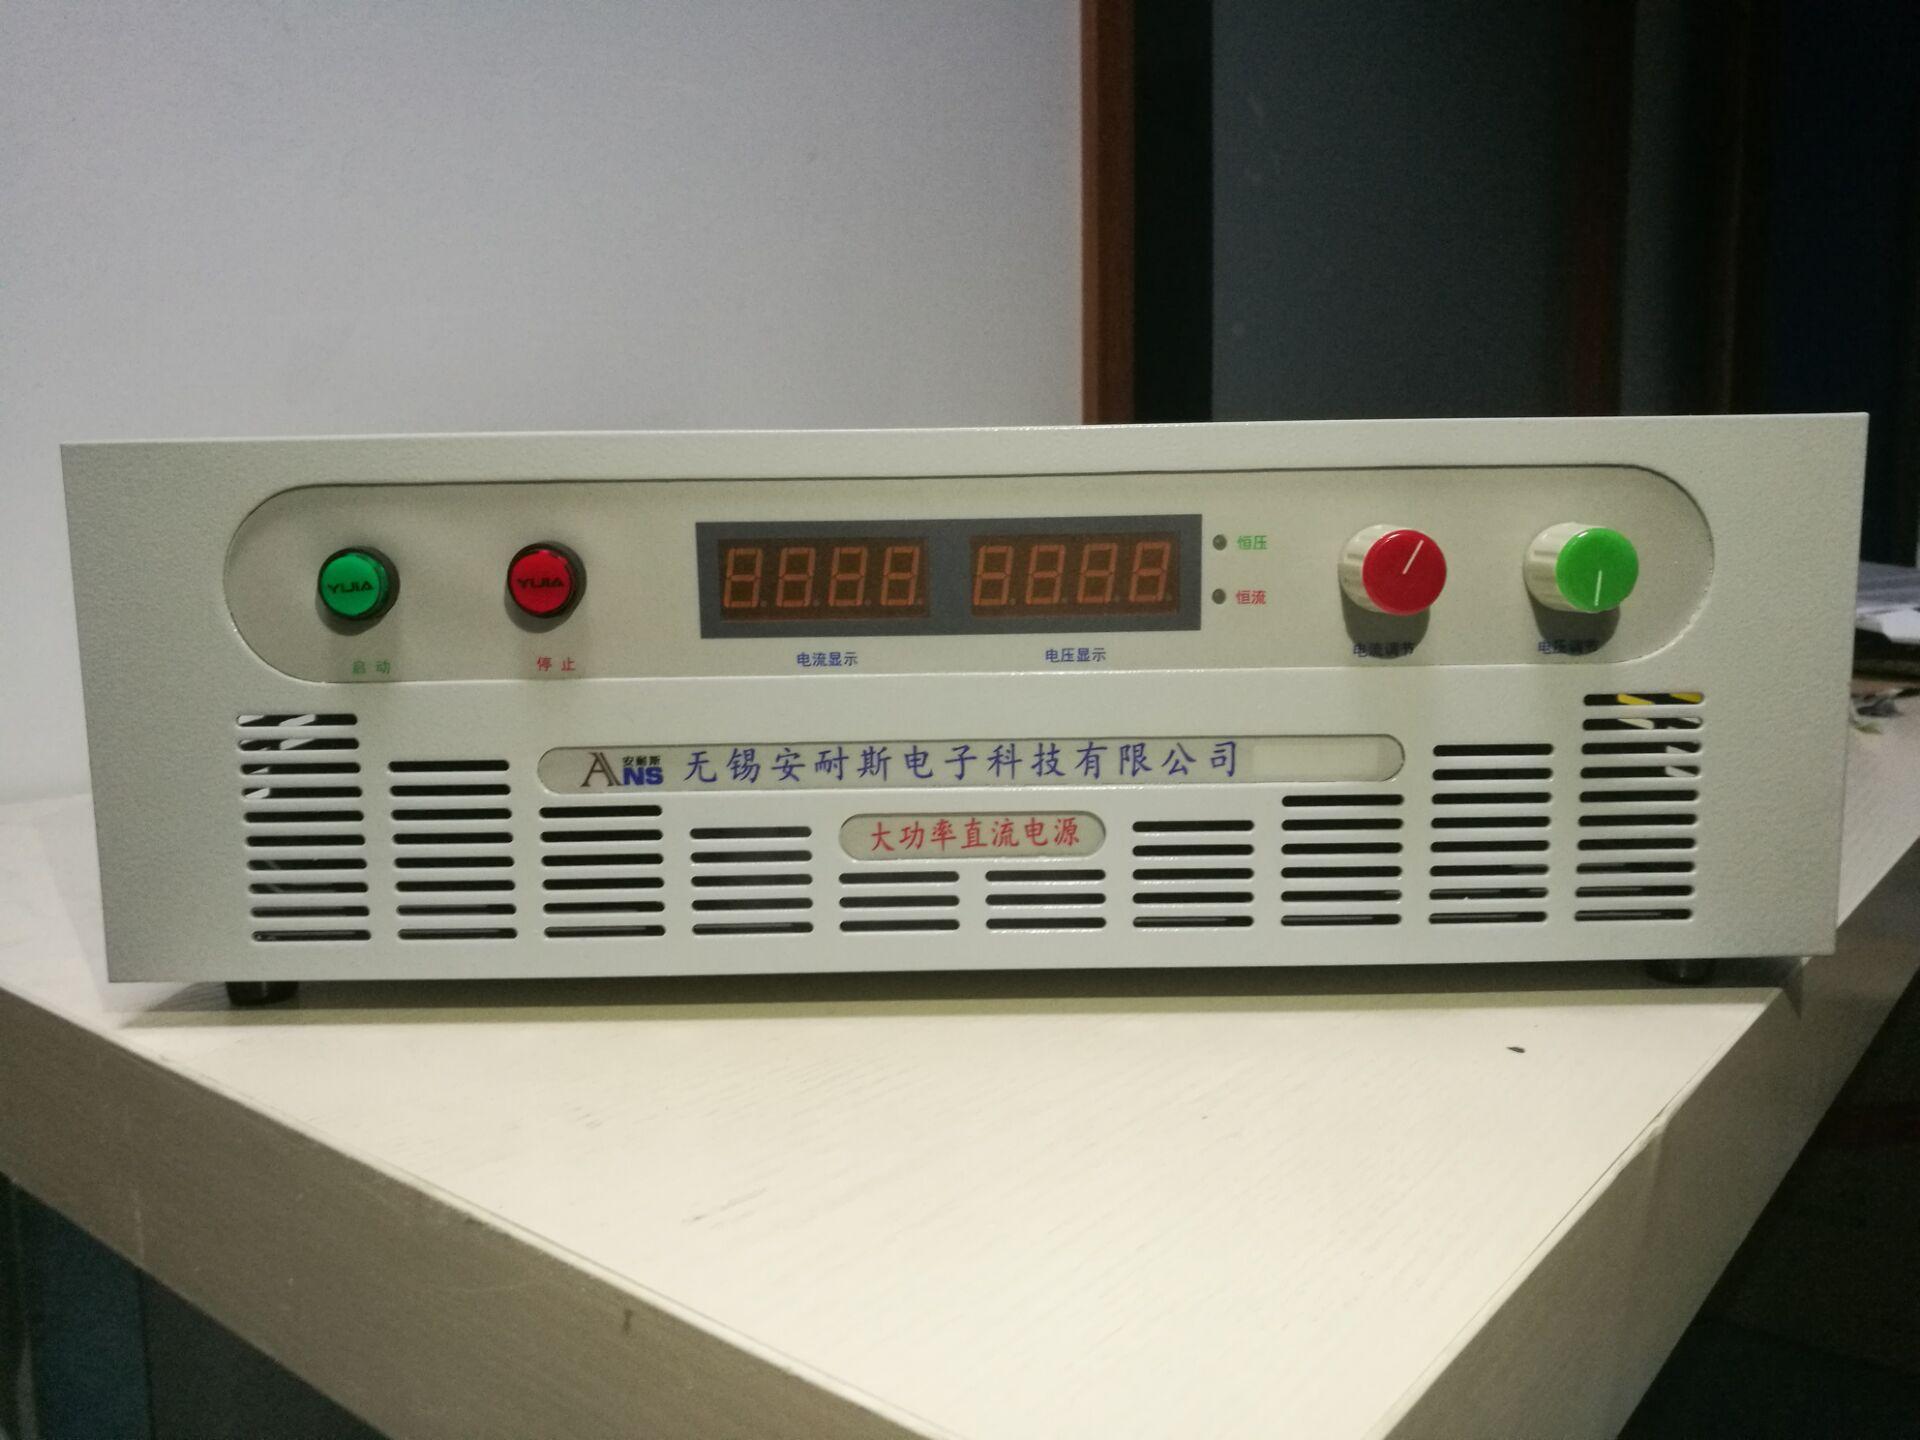 兰州0-700V800A直流稳压电源/700V800A直流稳压电源